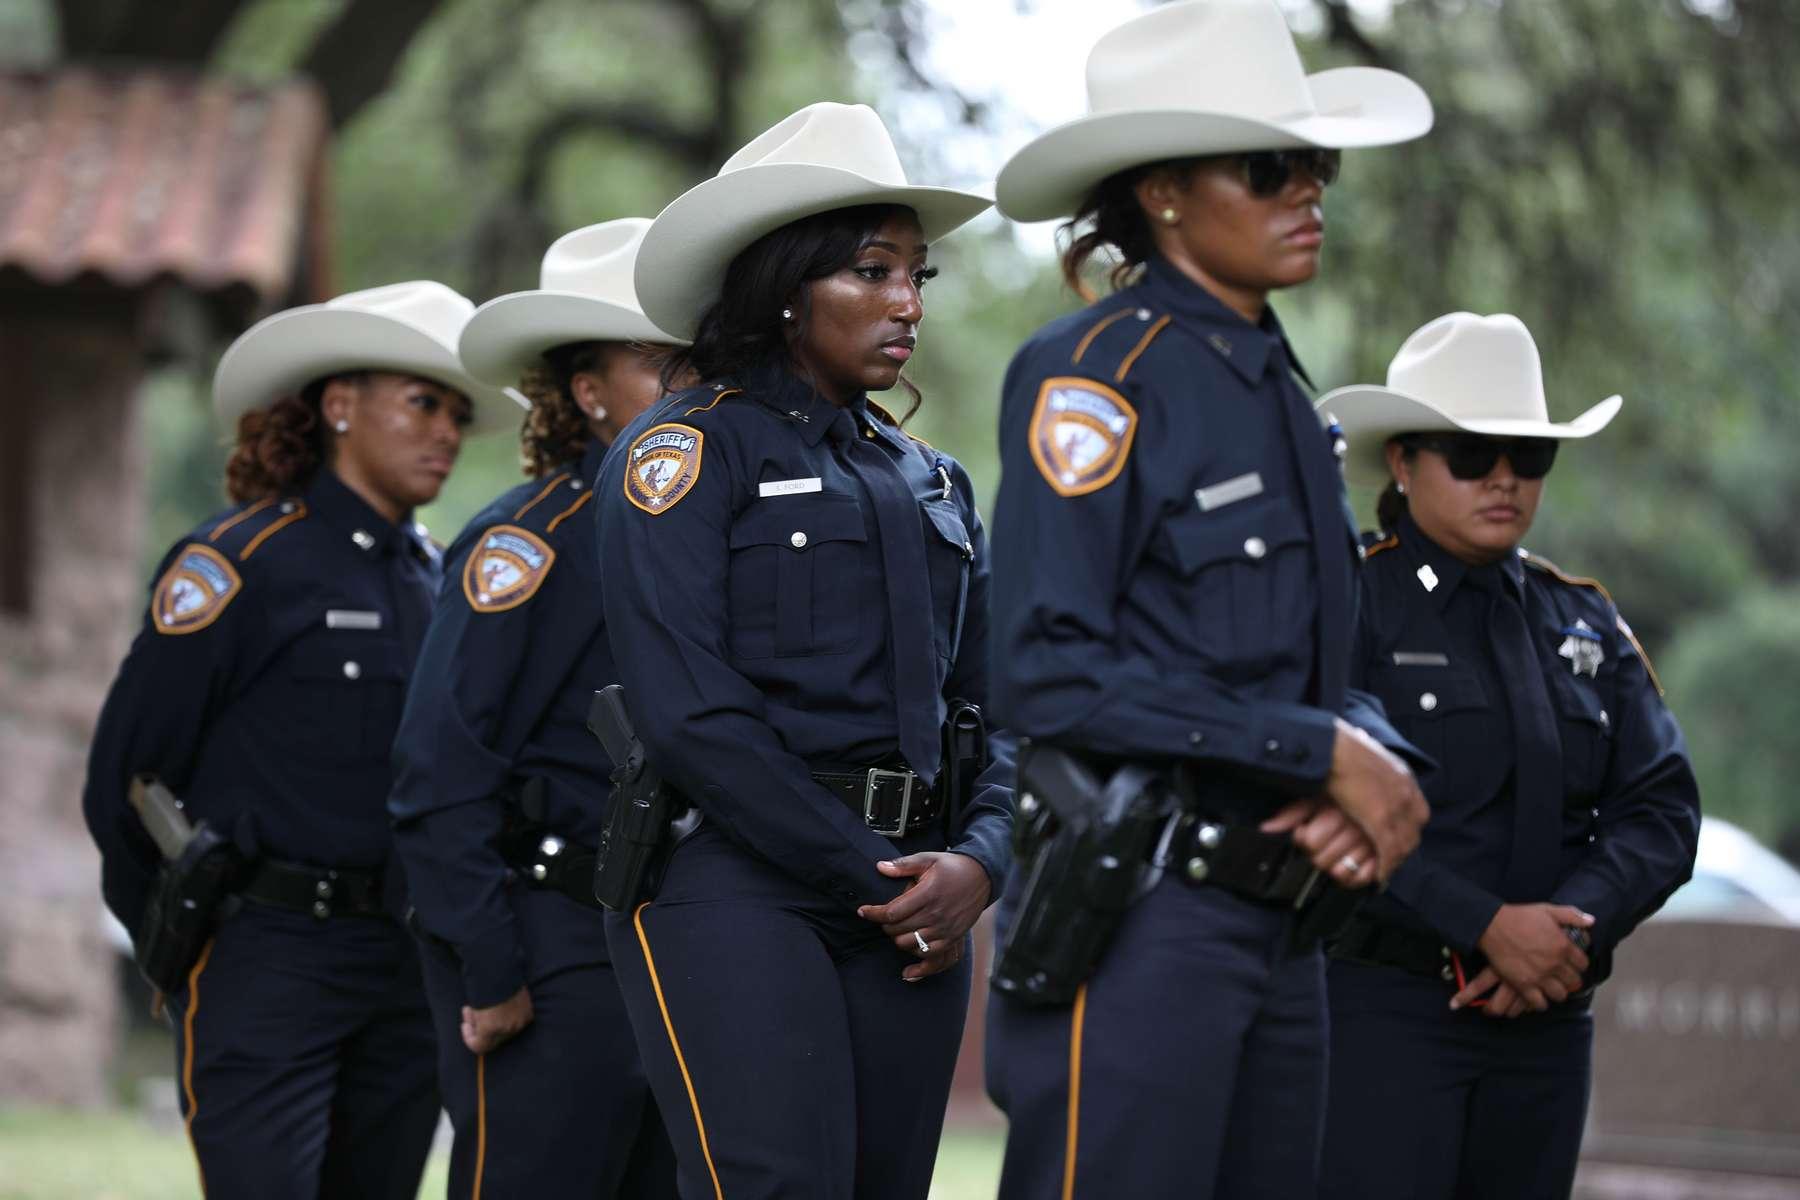 Deputy Omar Diaz end of watch on July 11, 2019 in Houston, TX.Photos by Sharon Steinmann